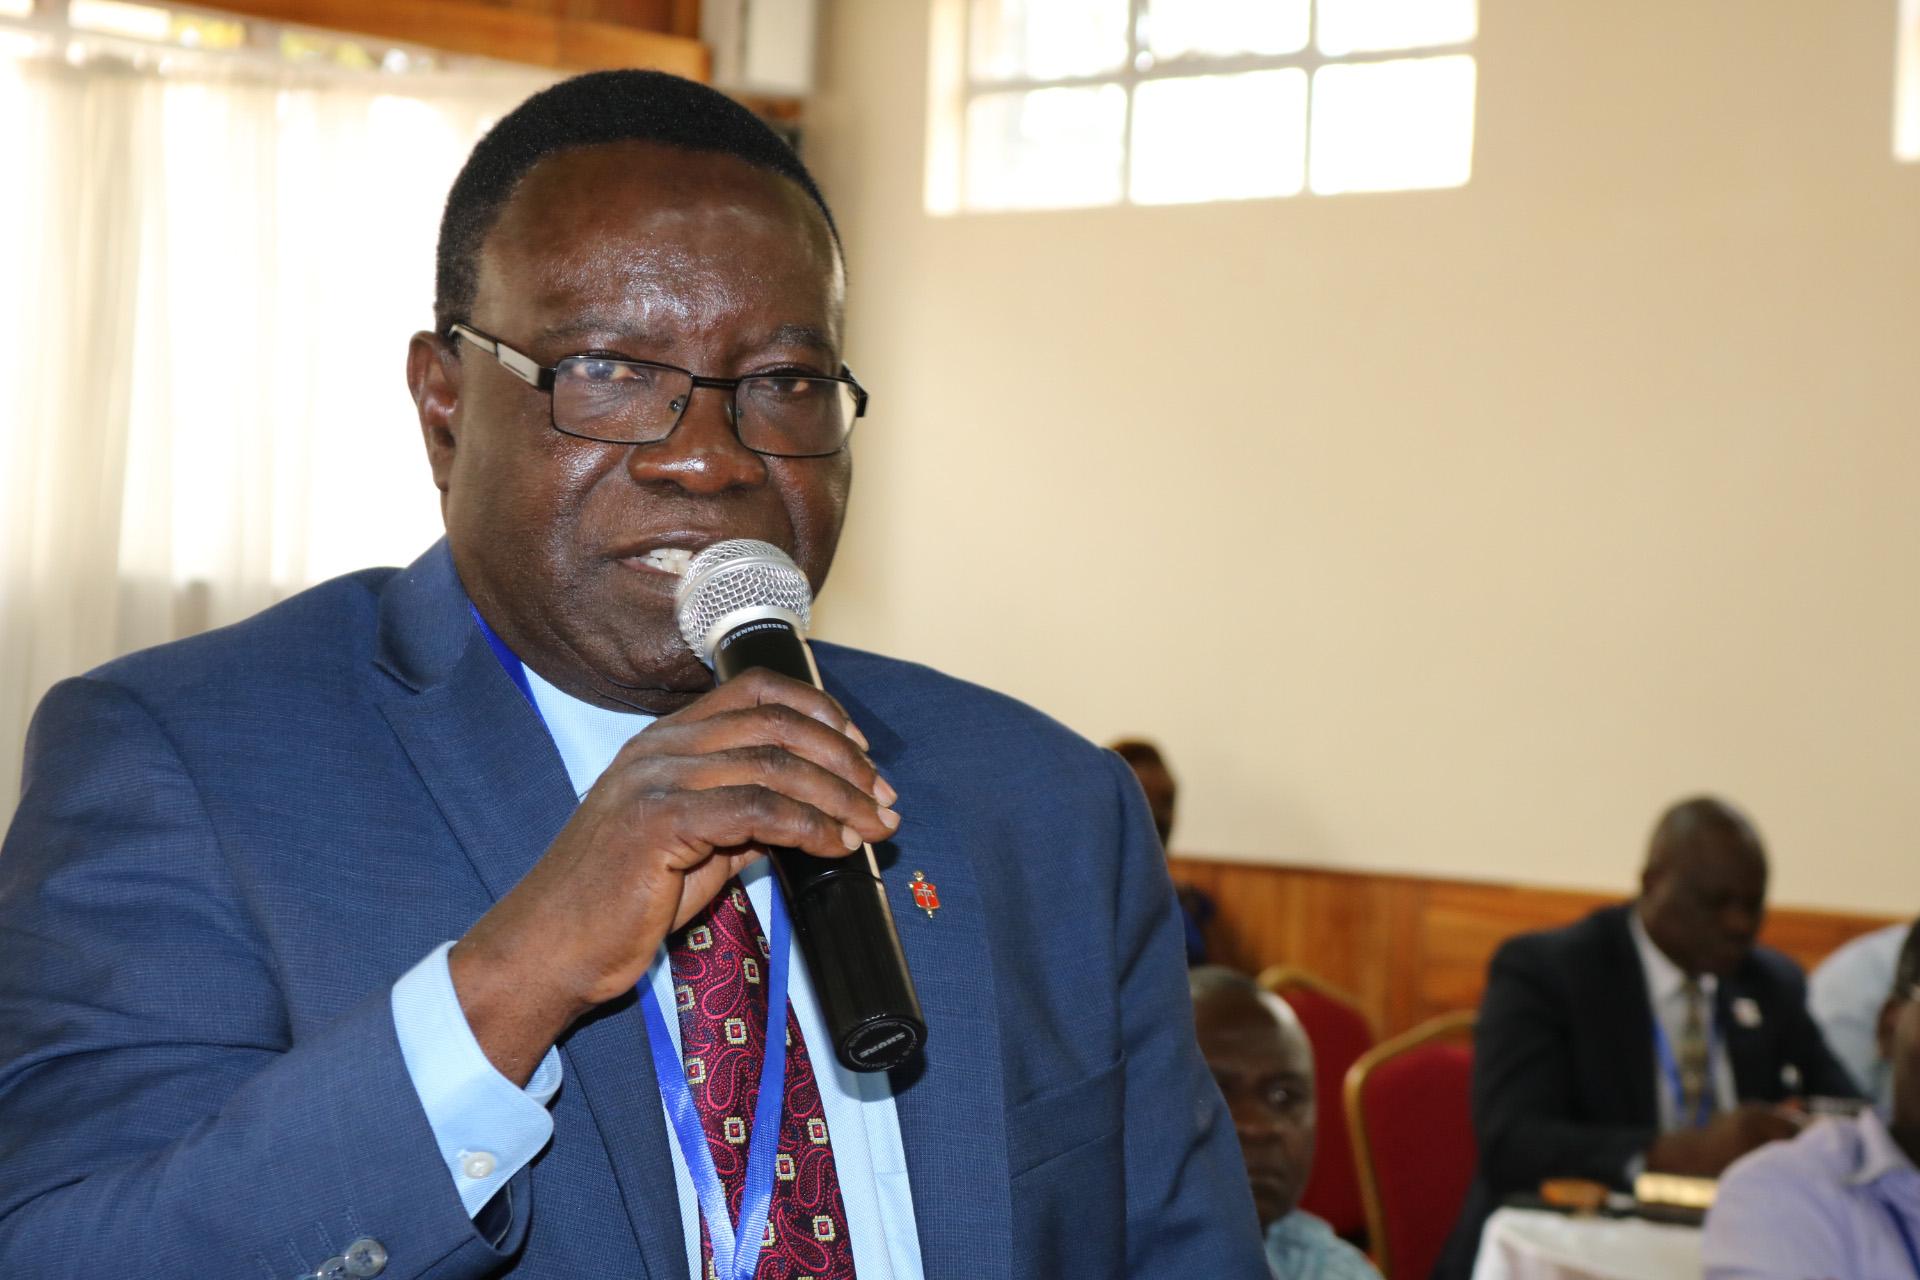 Bispo Kasap Owan Tshibang, um membro fundador da iniciativa da África, dirigiu-se aos delegados da Conferência Geral e aos bispos reunidos em Nairobi, no Quênia, para treinamento. Foto: Julu Swen, SMUN.